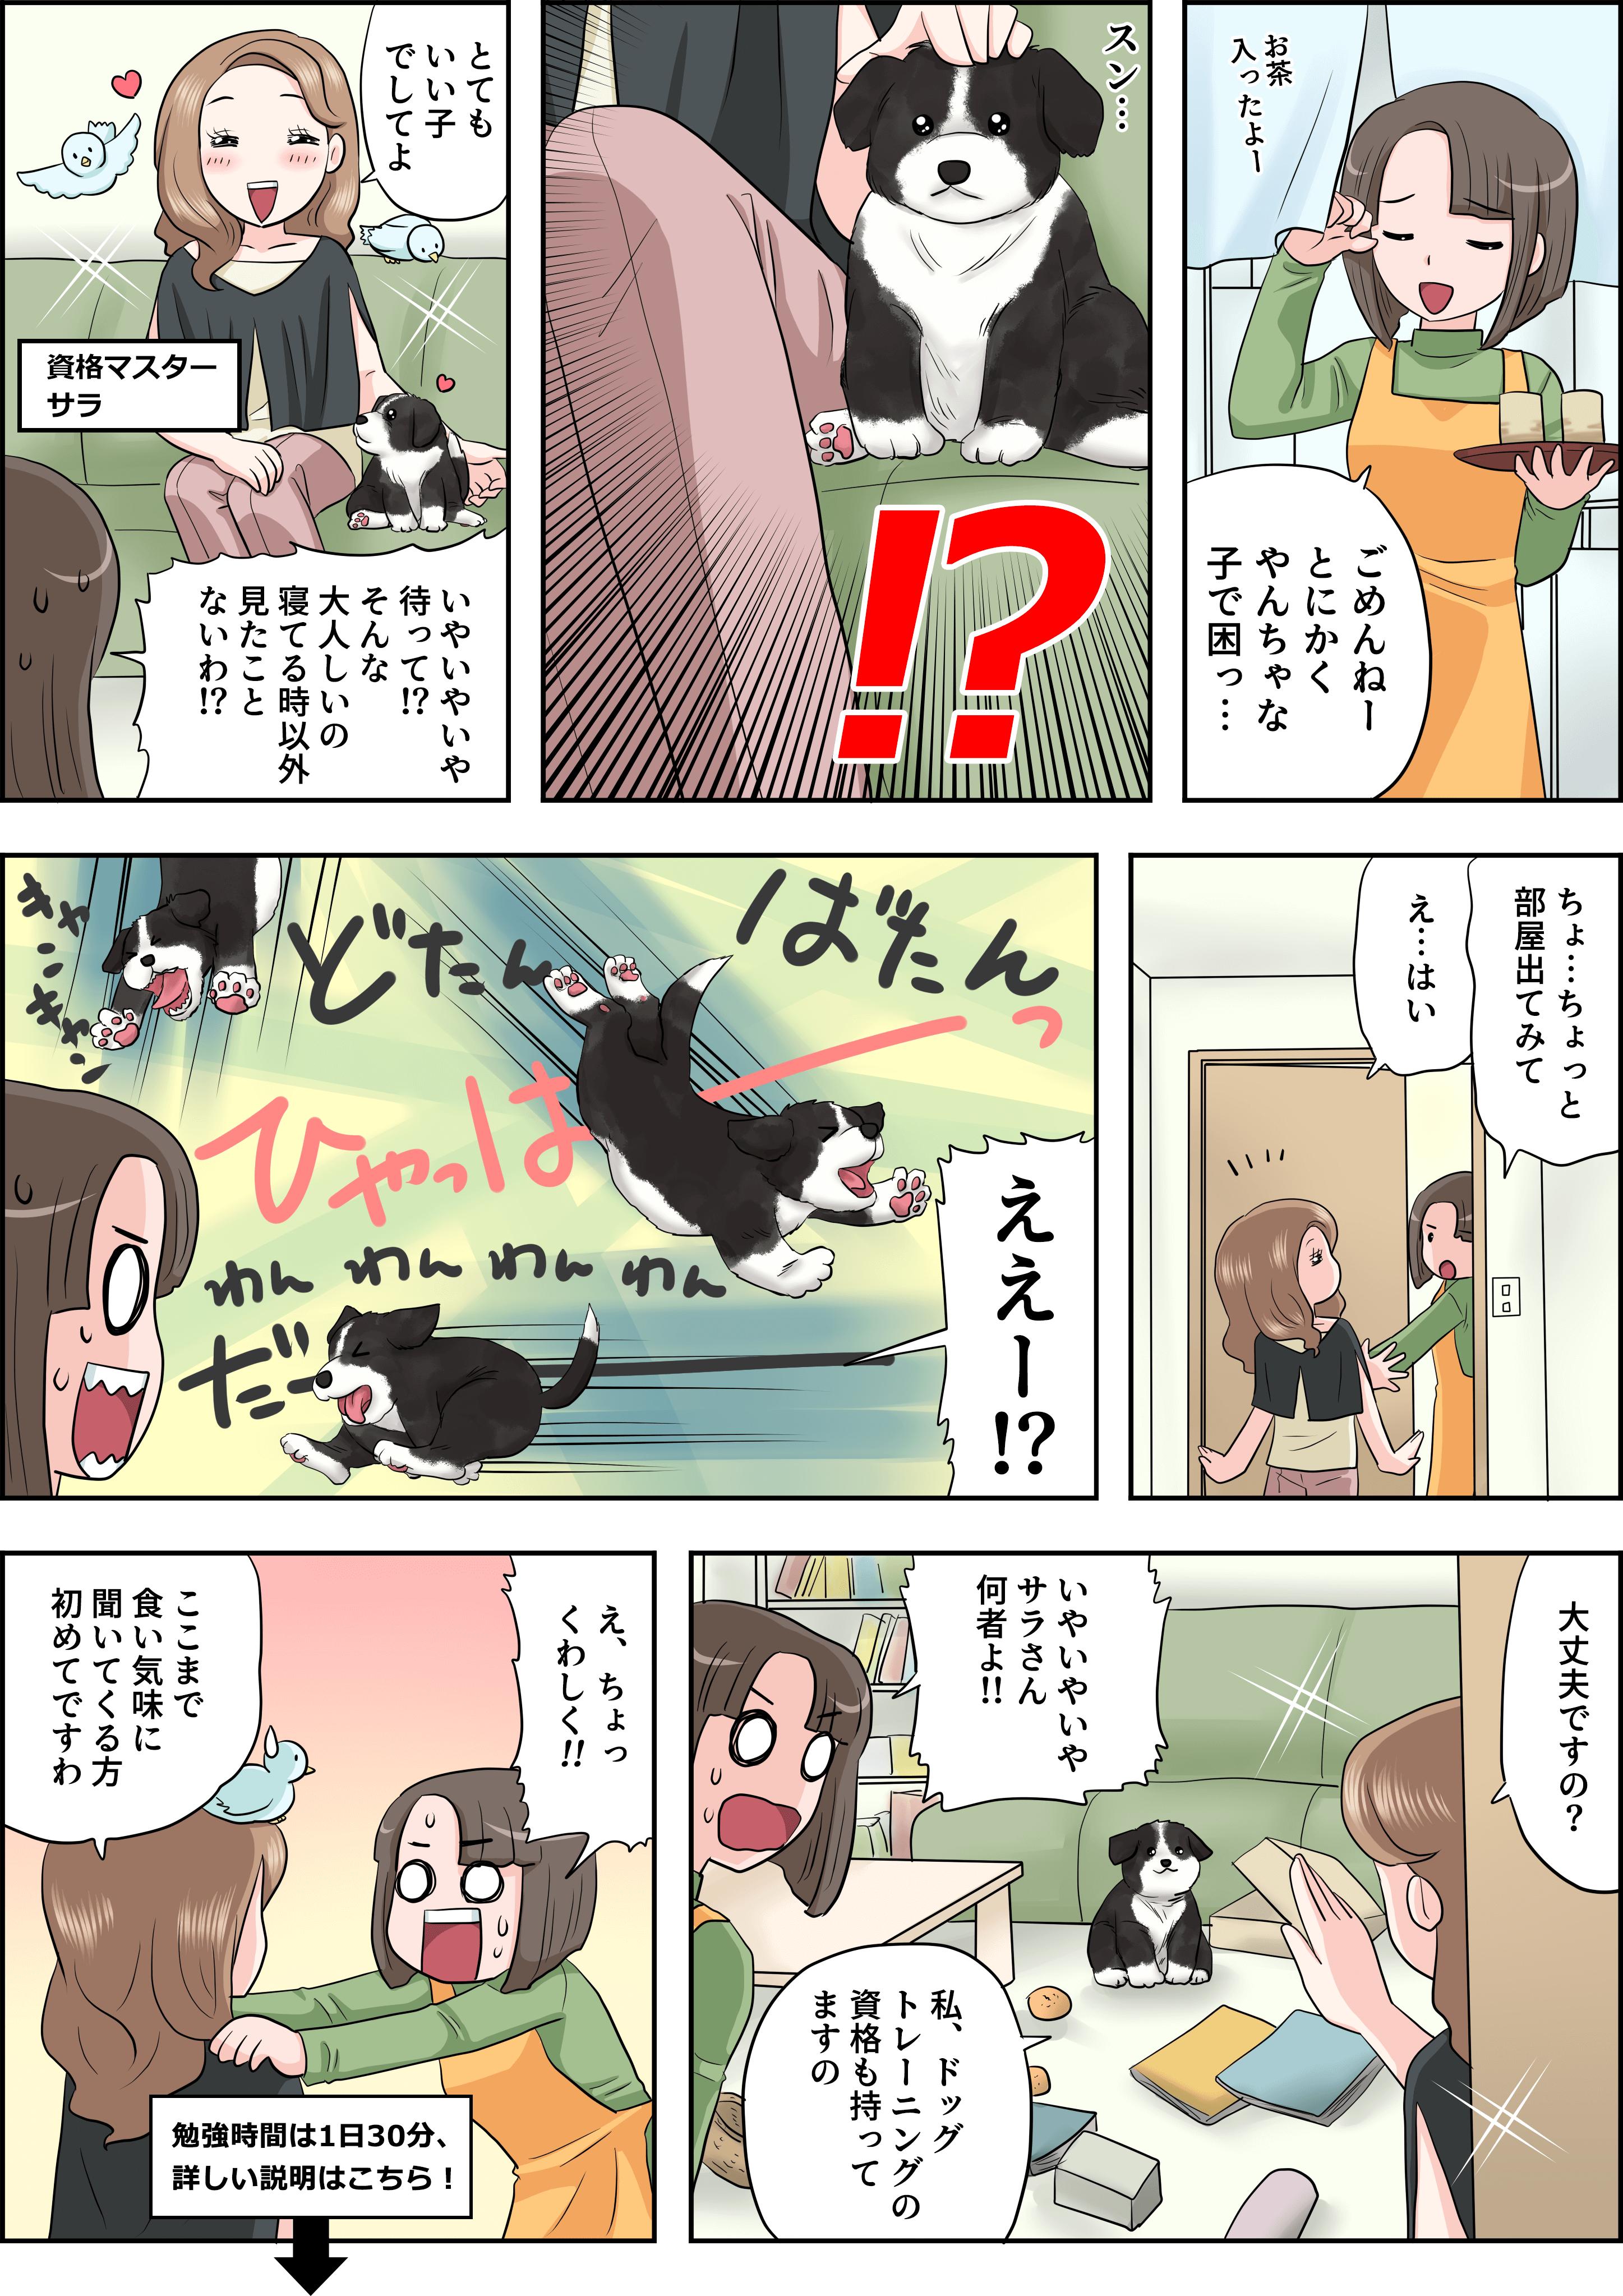 ドッグトレーニングの漫画